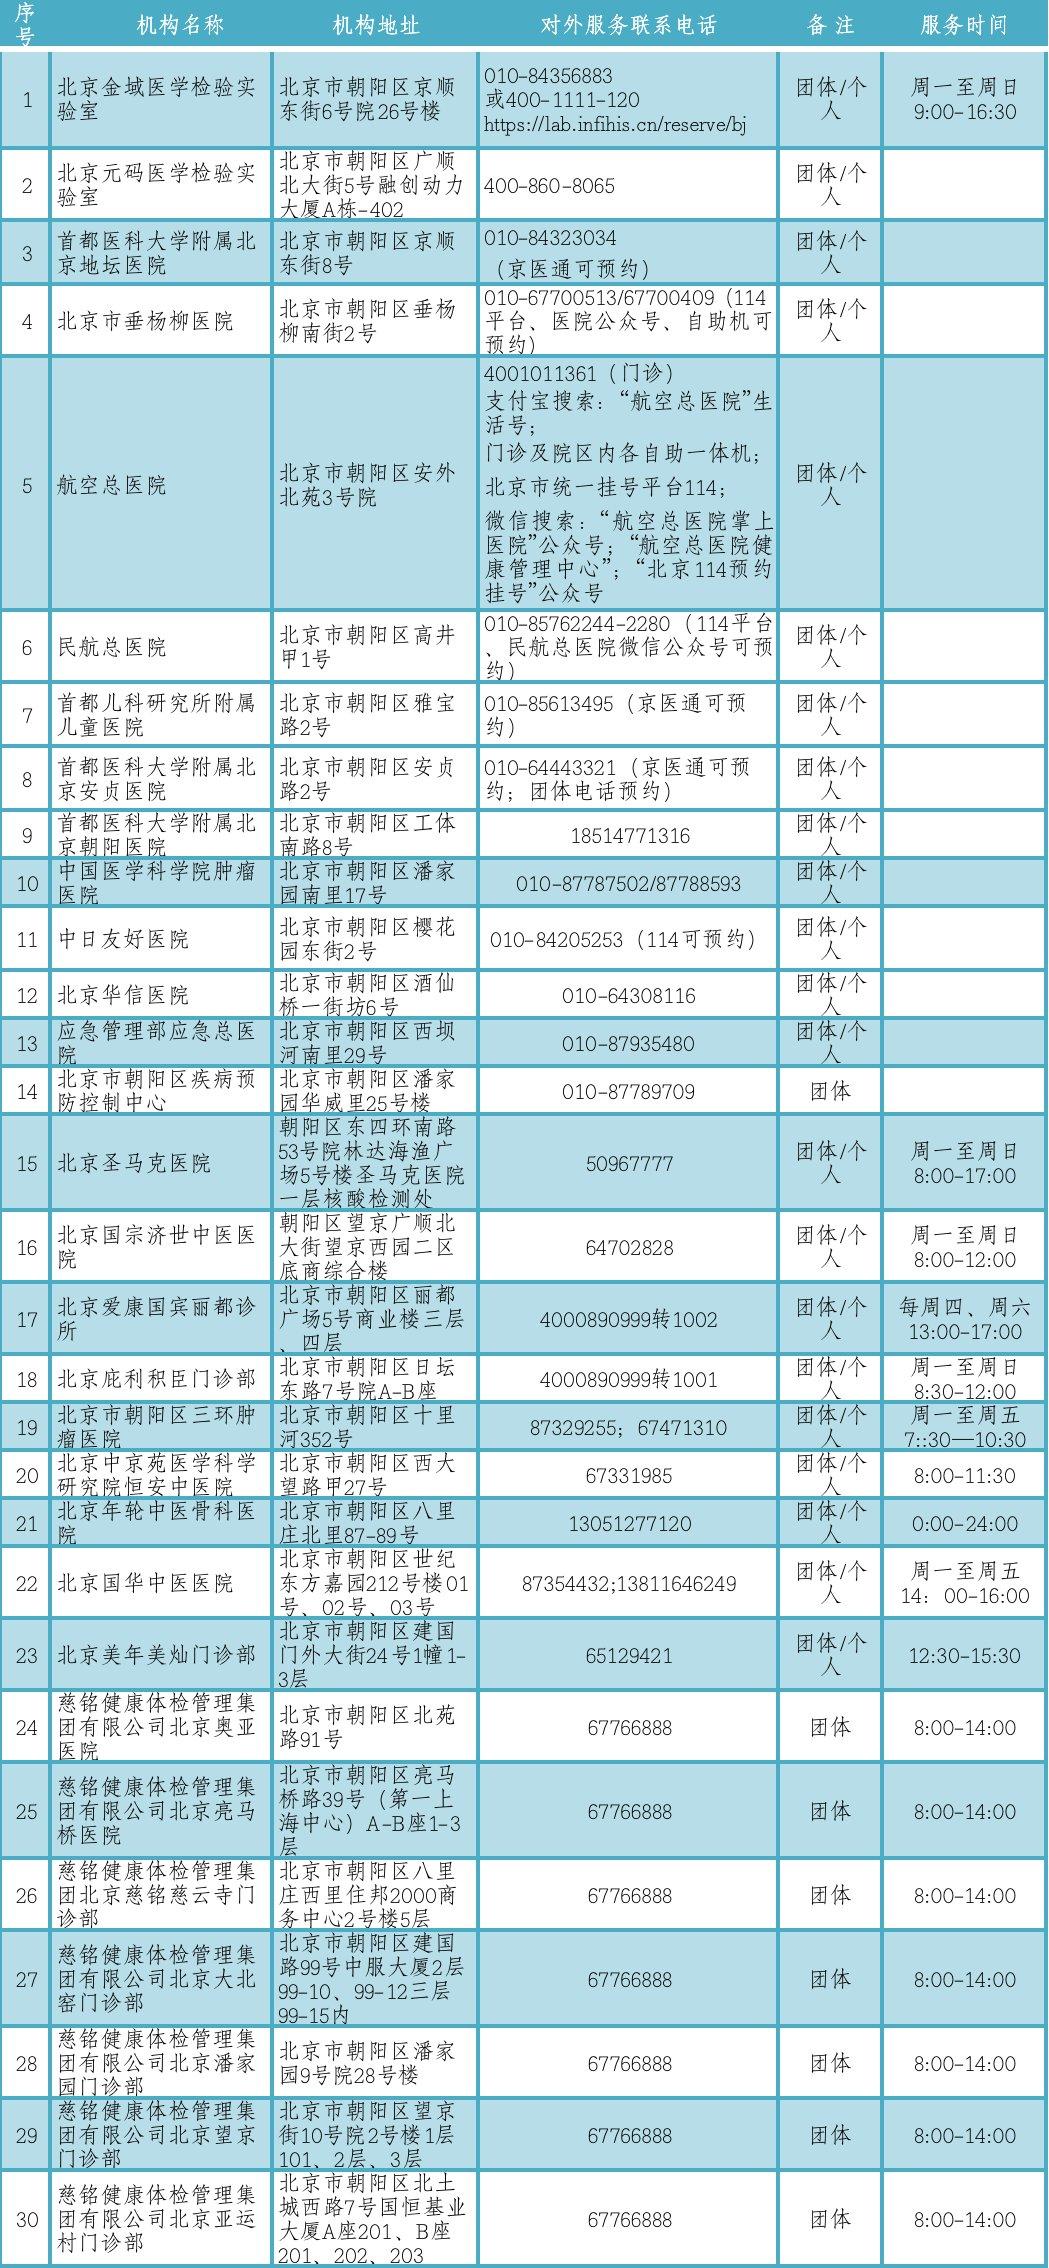 北京市朝阳区新增16所核酸检测服务机构图片